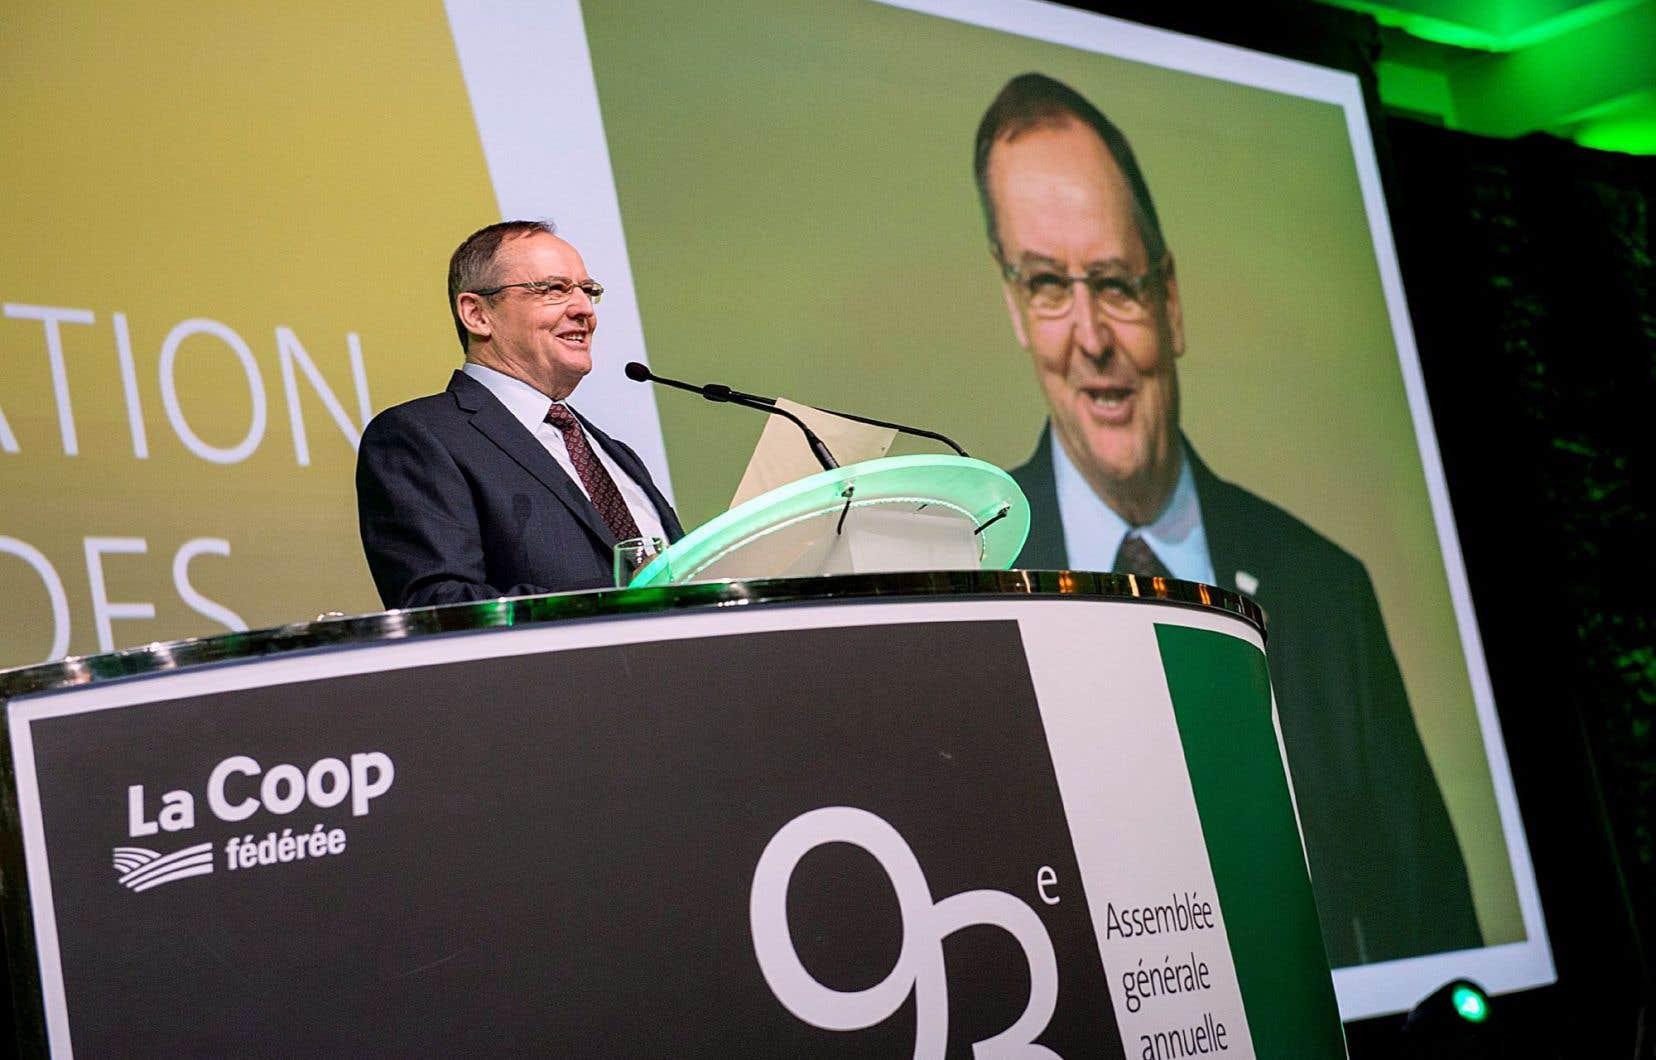 Denis Richard, président de la Coop fédérée, lors de l'assemblée générale qui se tenait mercredi.